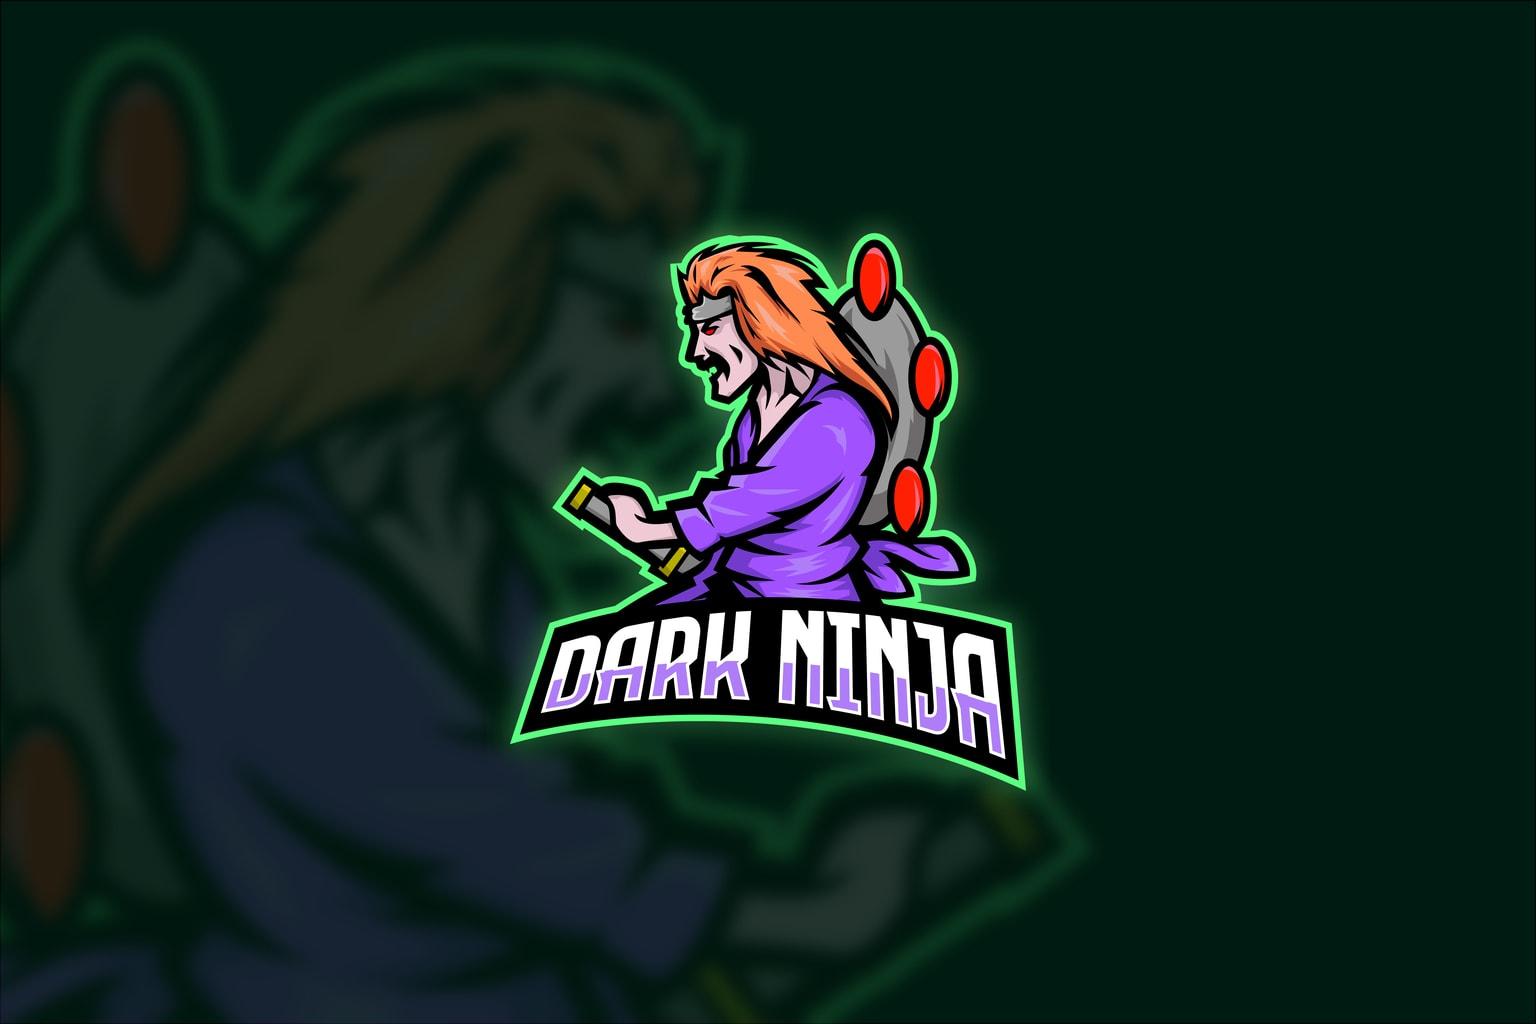 esport logo dark ninja